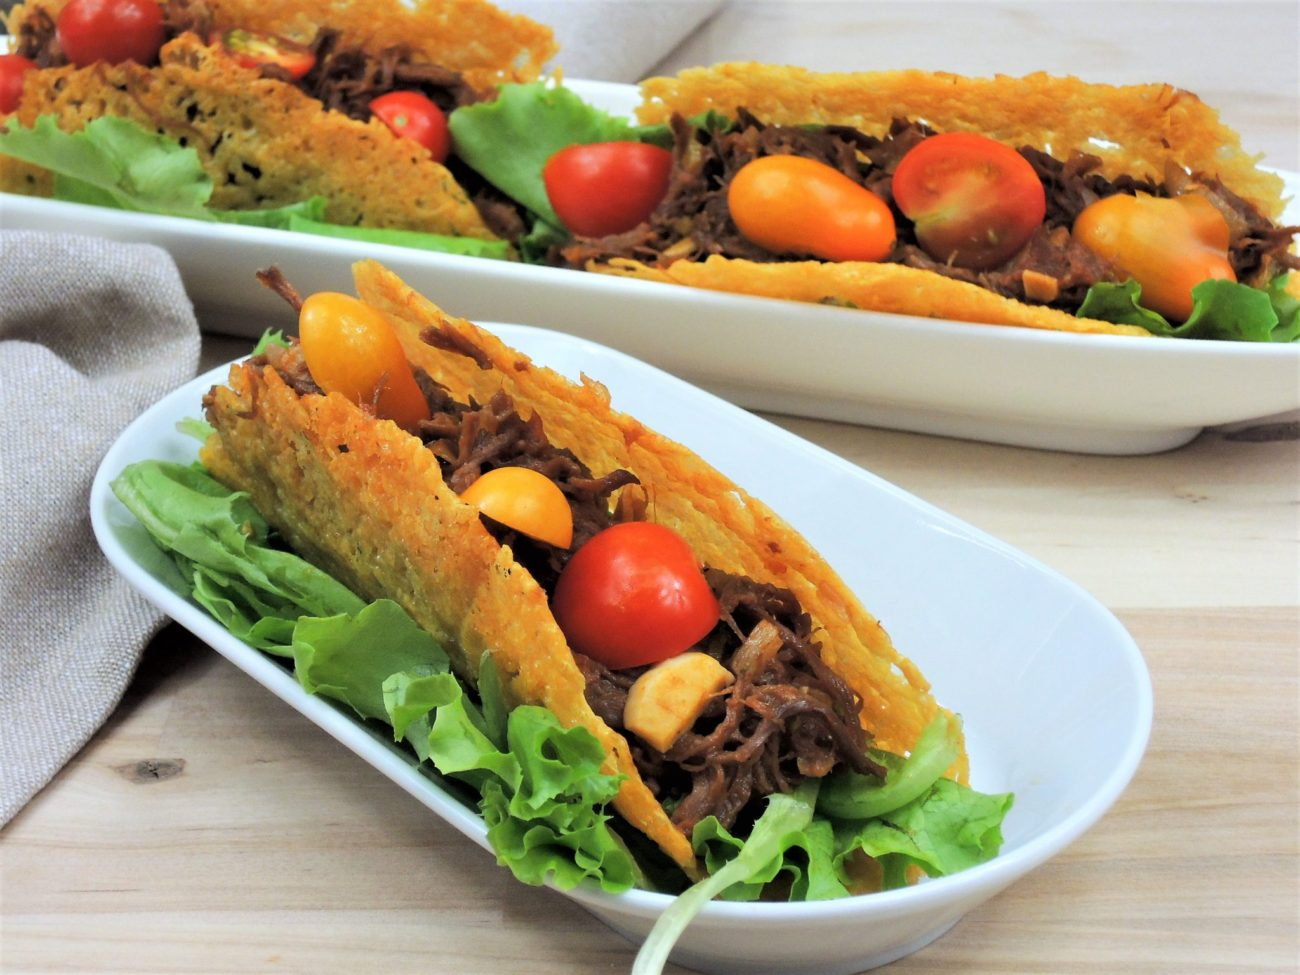 Sýrové tacos s trhaným hovězím masem